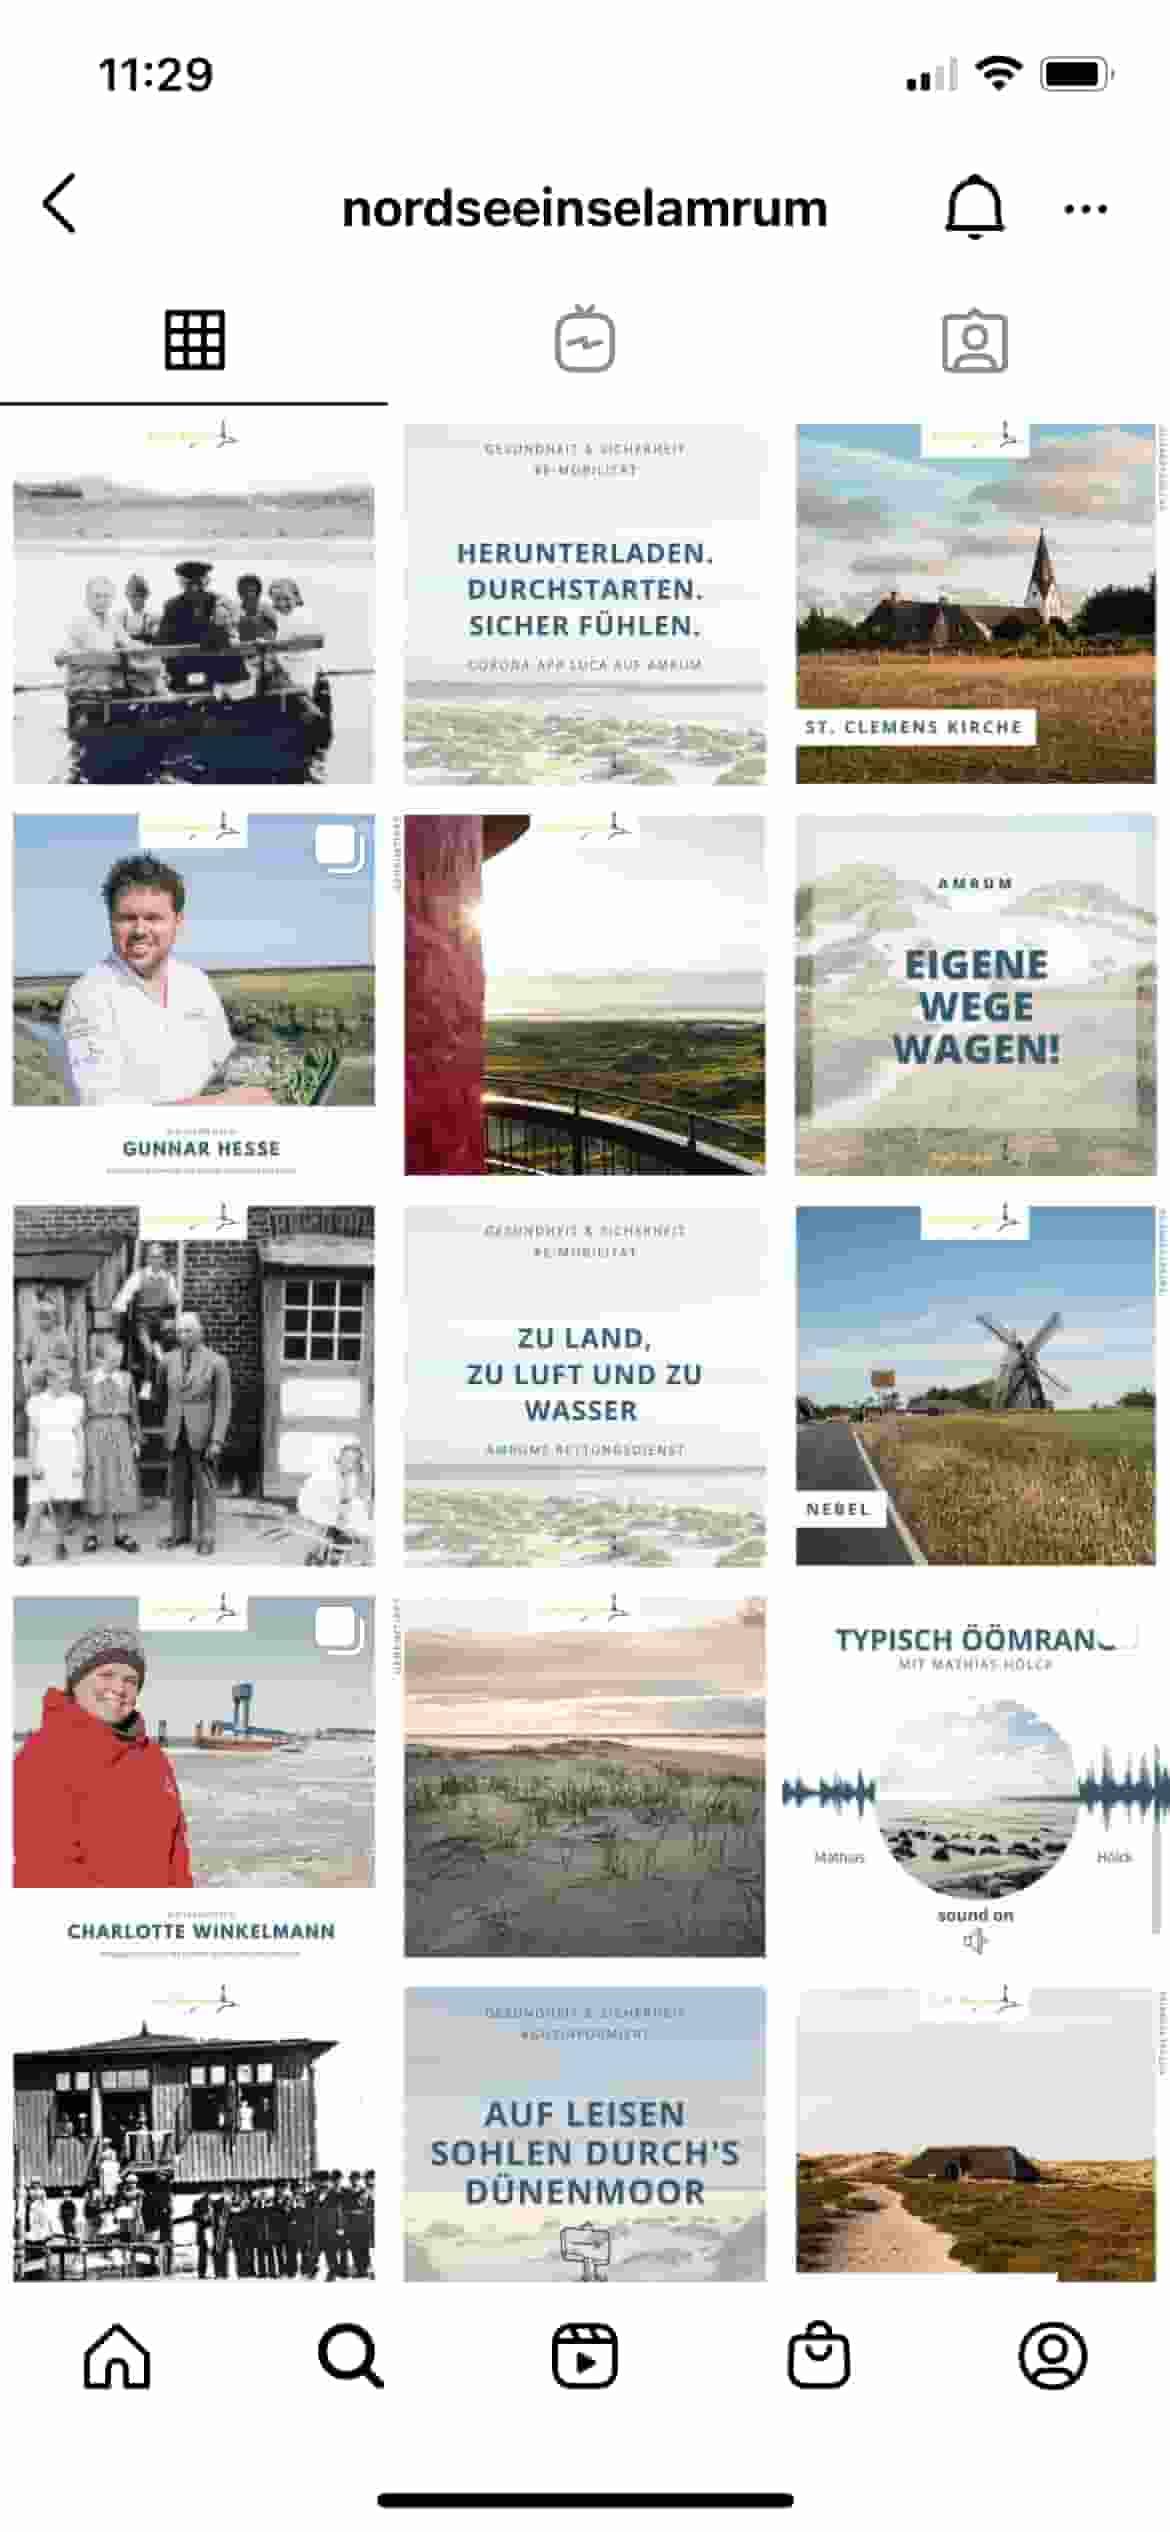 Nordseeinsel Amrum Instagram Feed Mockup